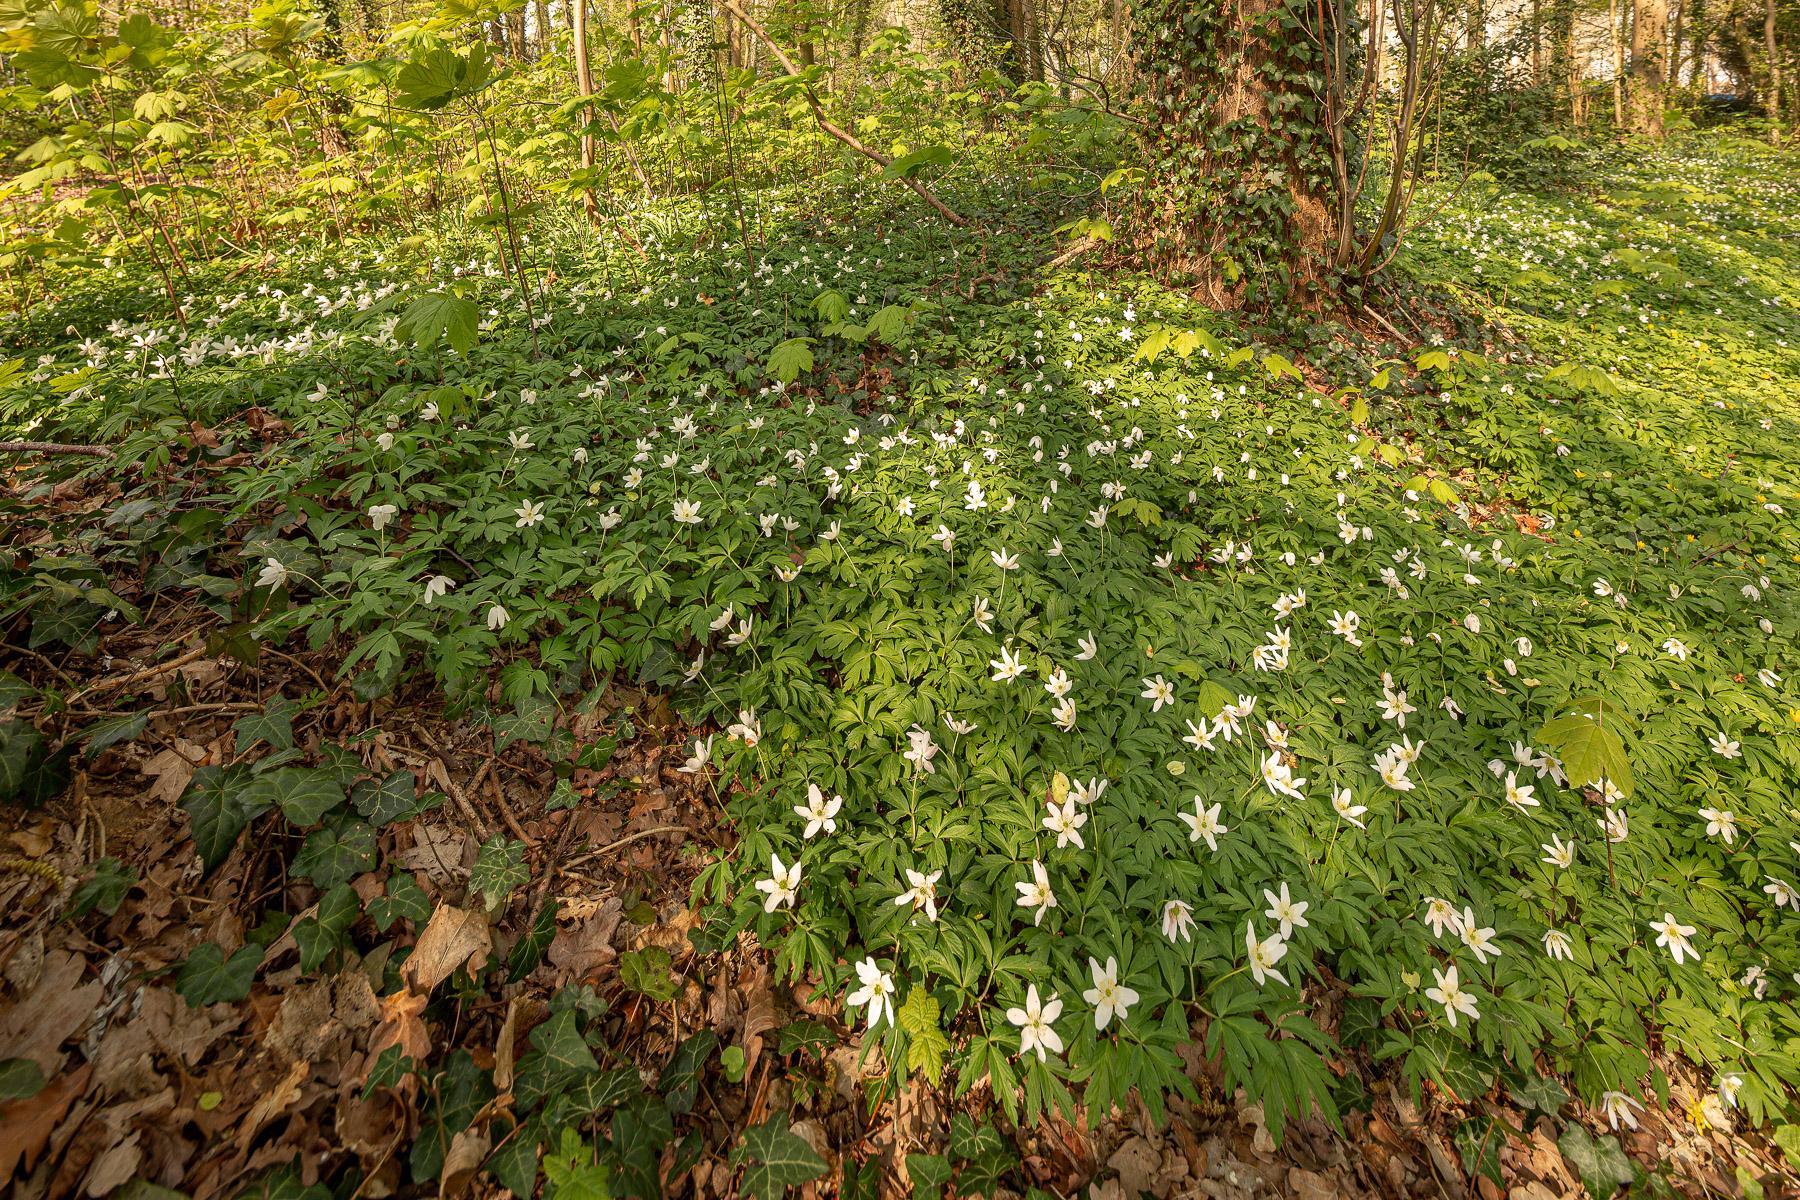 Bosanemonen in West-Vlaanderen, Bosanemonen in het park ter loo, Bosanemonen fotograferen, bosanemonen west-vlaanderen, bosanemoon west-vlaanderen, bosanemonen locatie, bosanemoon locatie, waar bosanemonen fotograferen